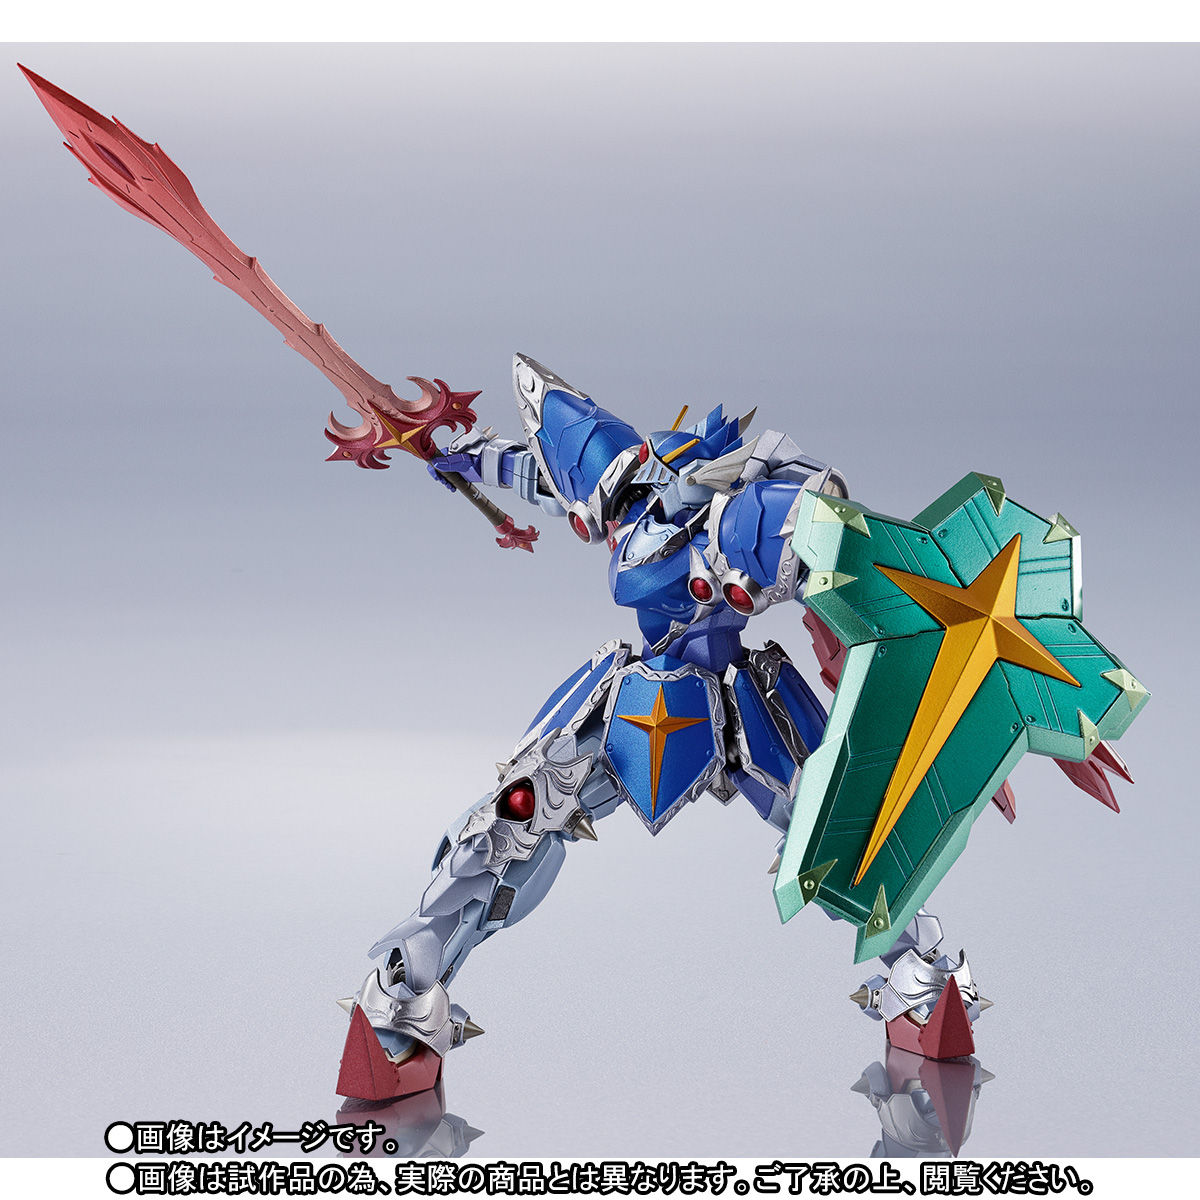 METAL ROBOT魂 〈SIDE MS〉『フルアーマー騎士ガンダム(リアルタイプver.)|SDガンダム外伝』可動フィギュア-004